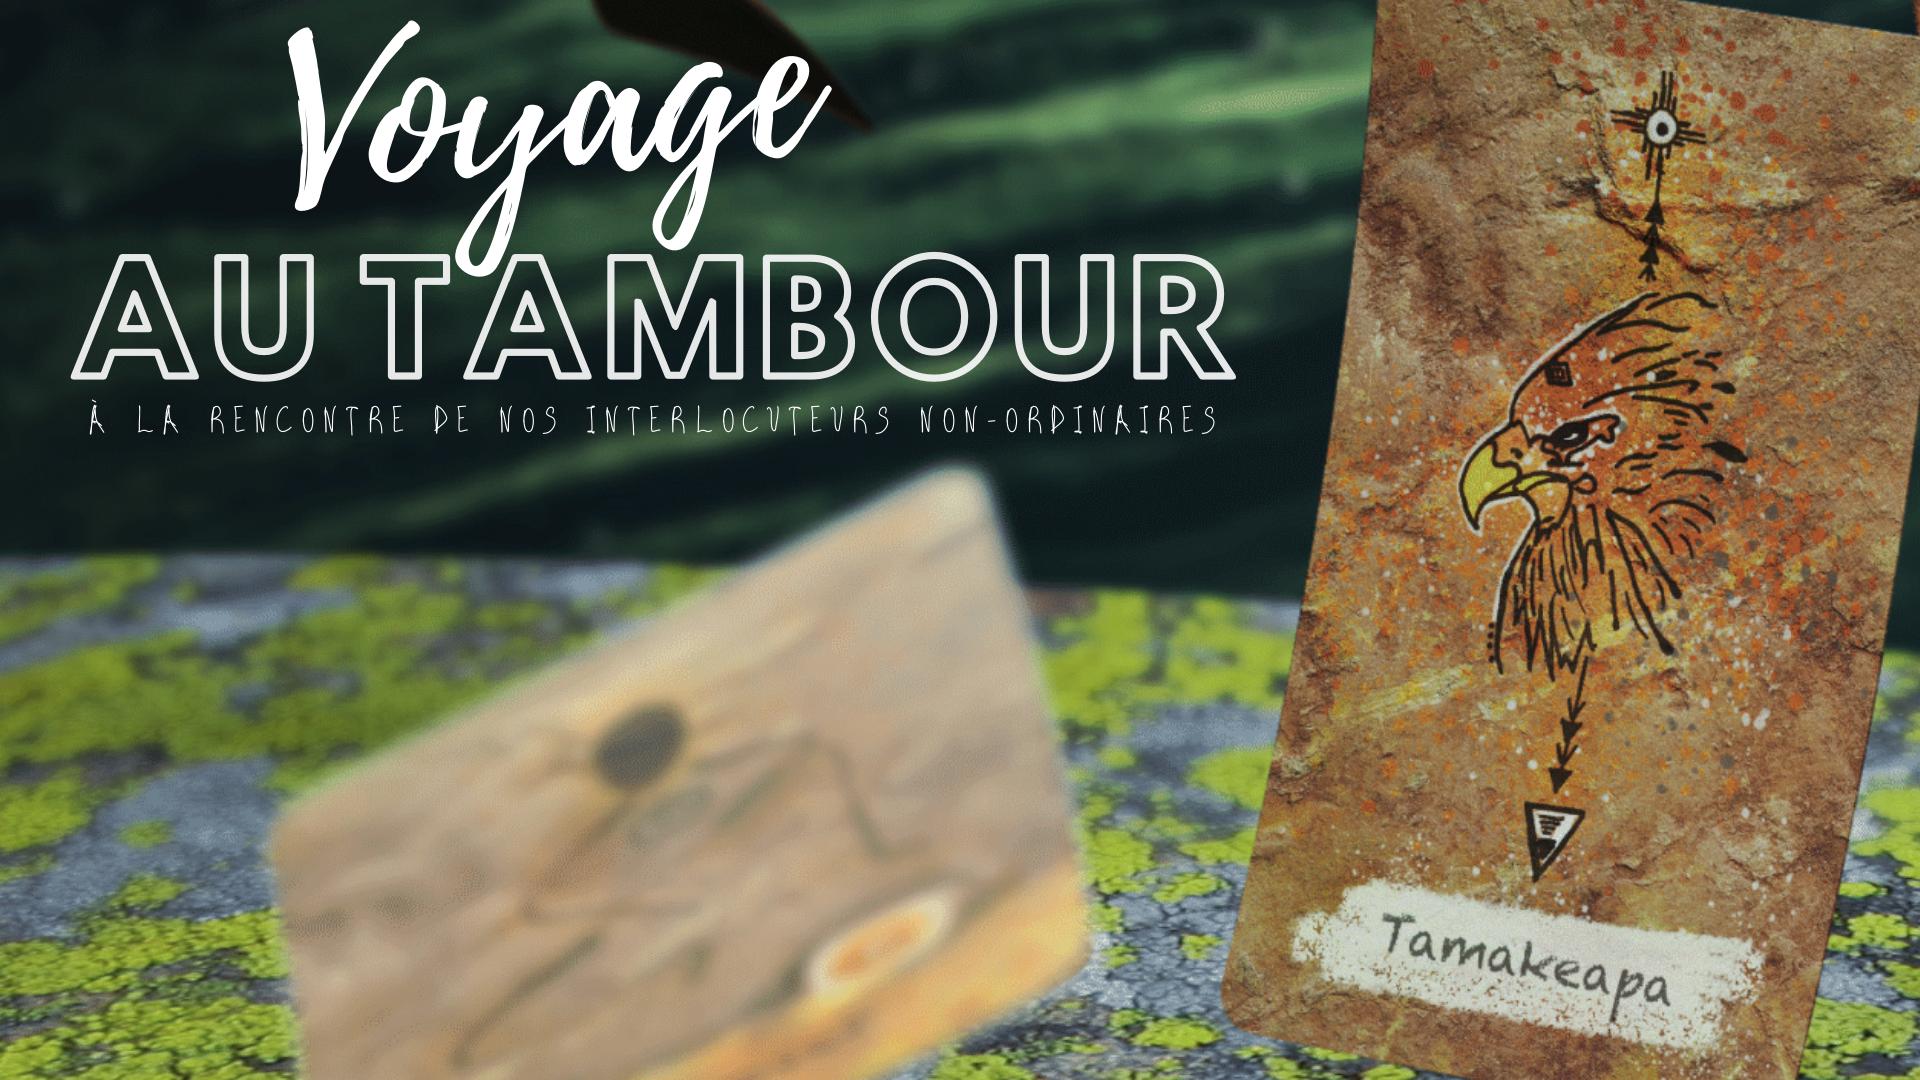 Le Voyage au tambour : une expérience chamanique